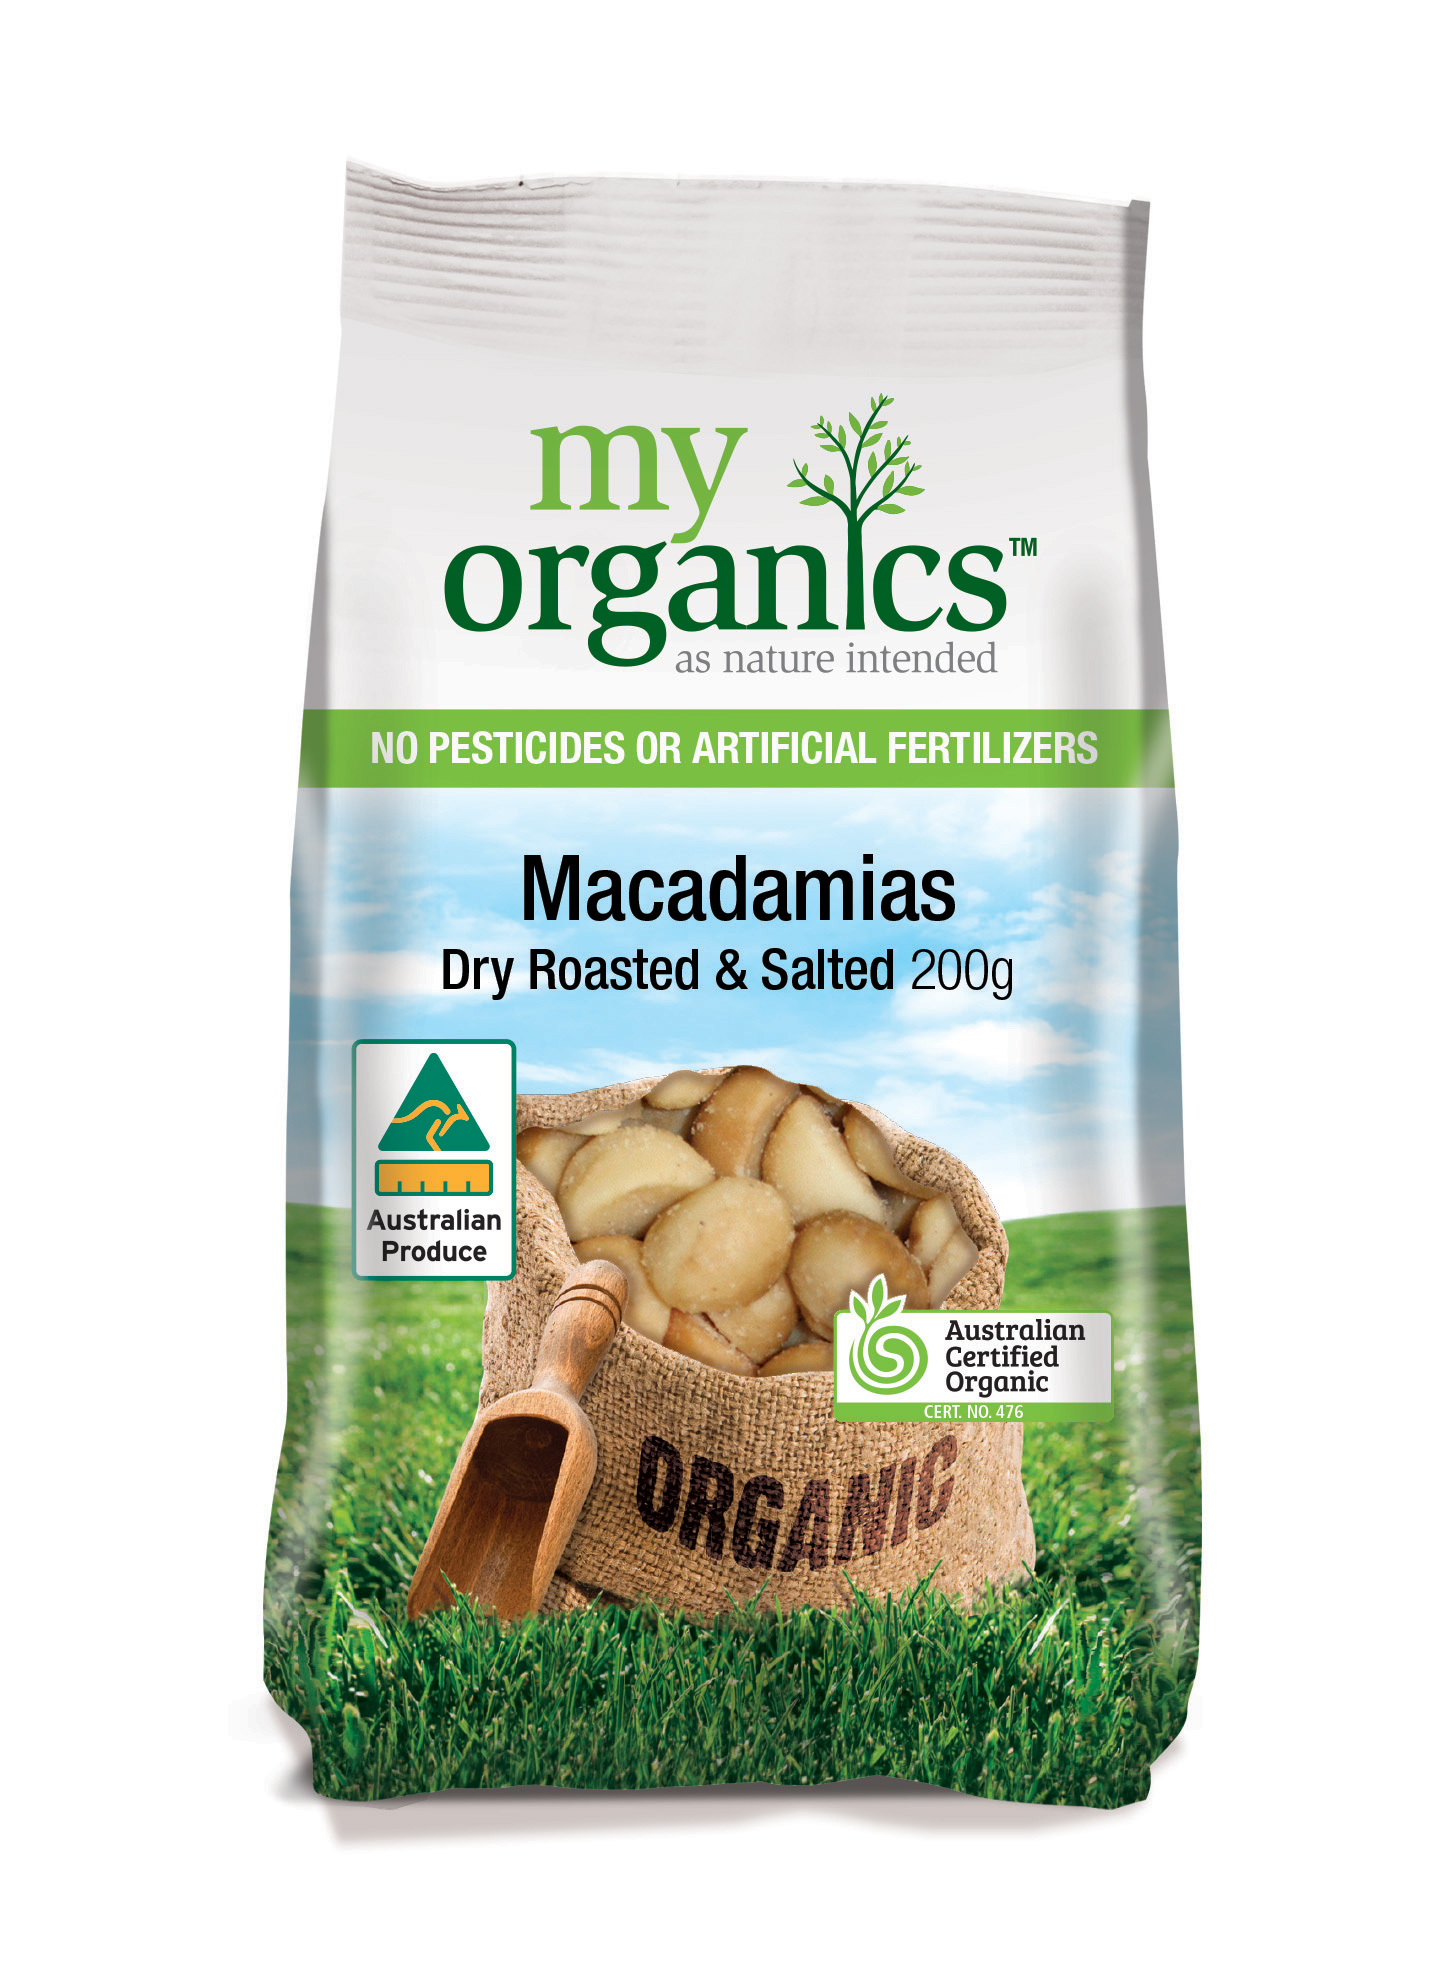 Macadamias Australian Dry Roasted & Salted